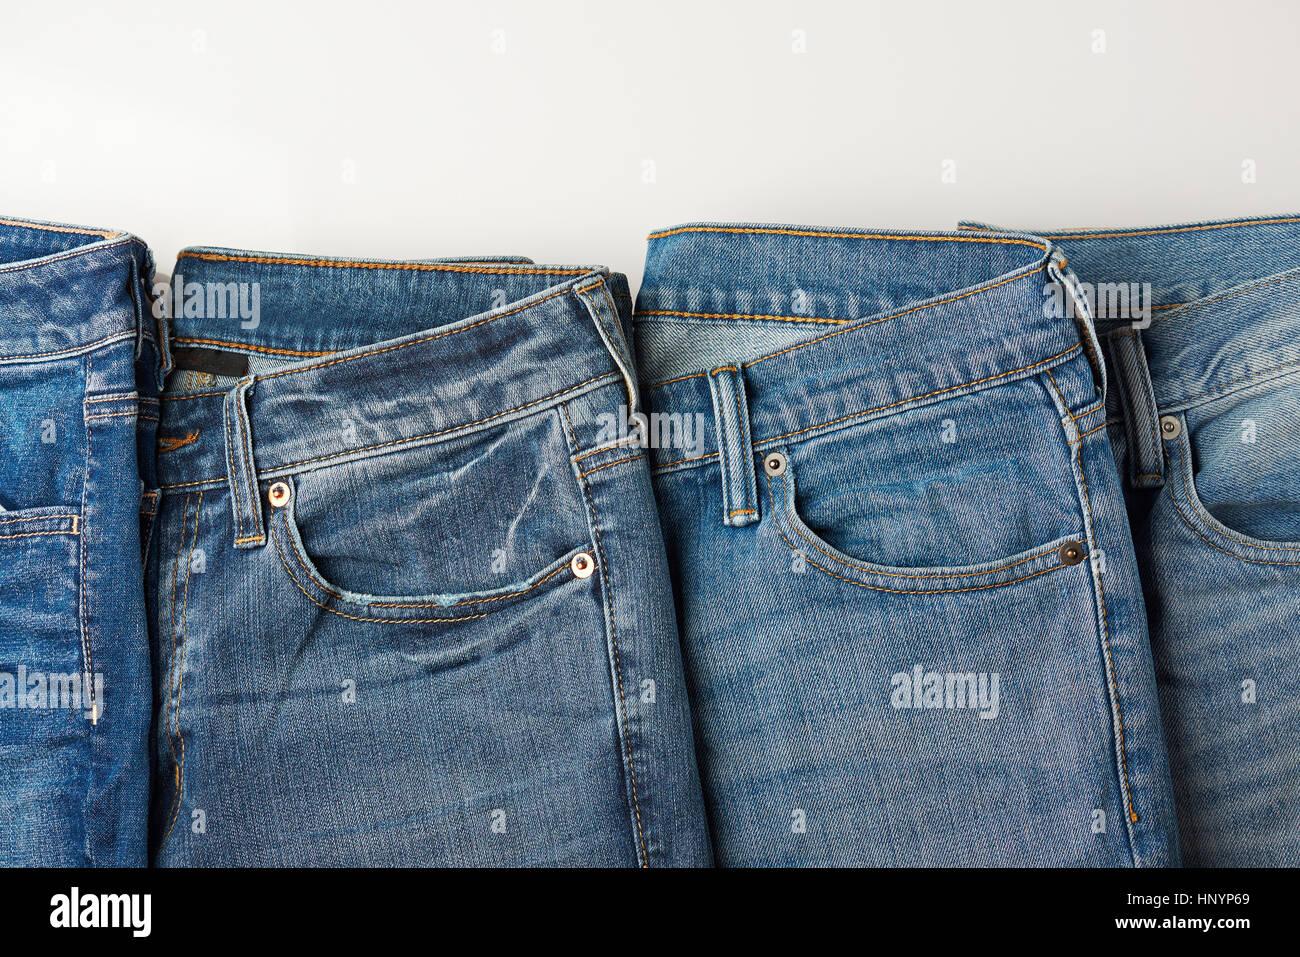 Clothes Line Denim Stockfotos & Clothes Line Denim Bilder - Alamy